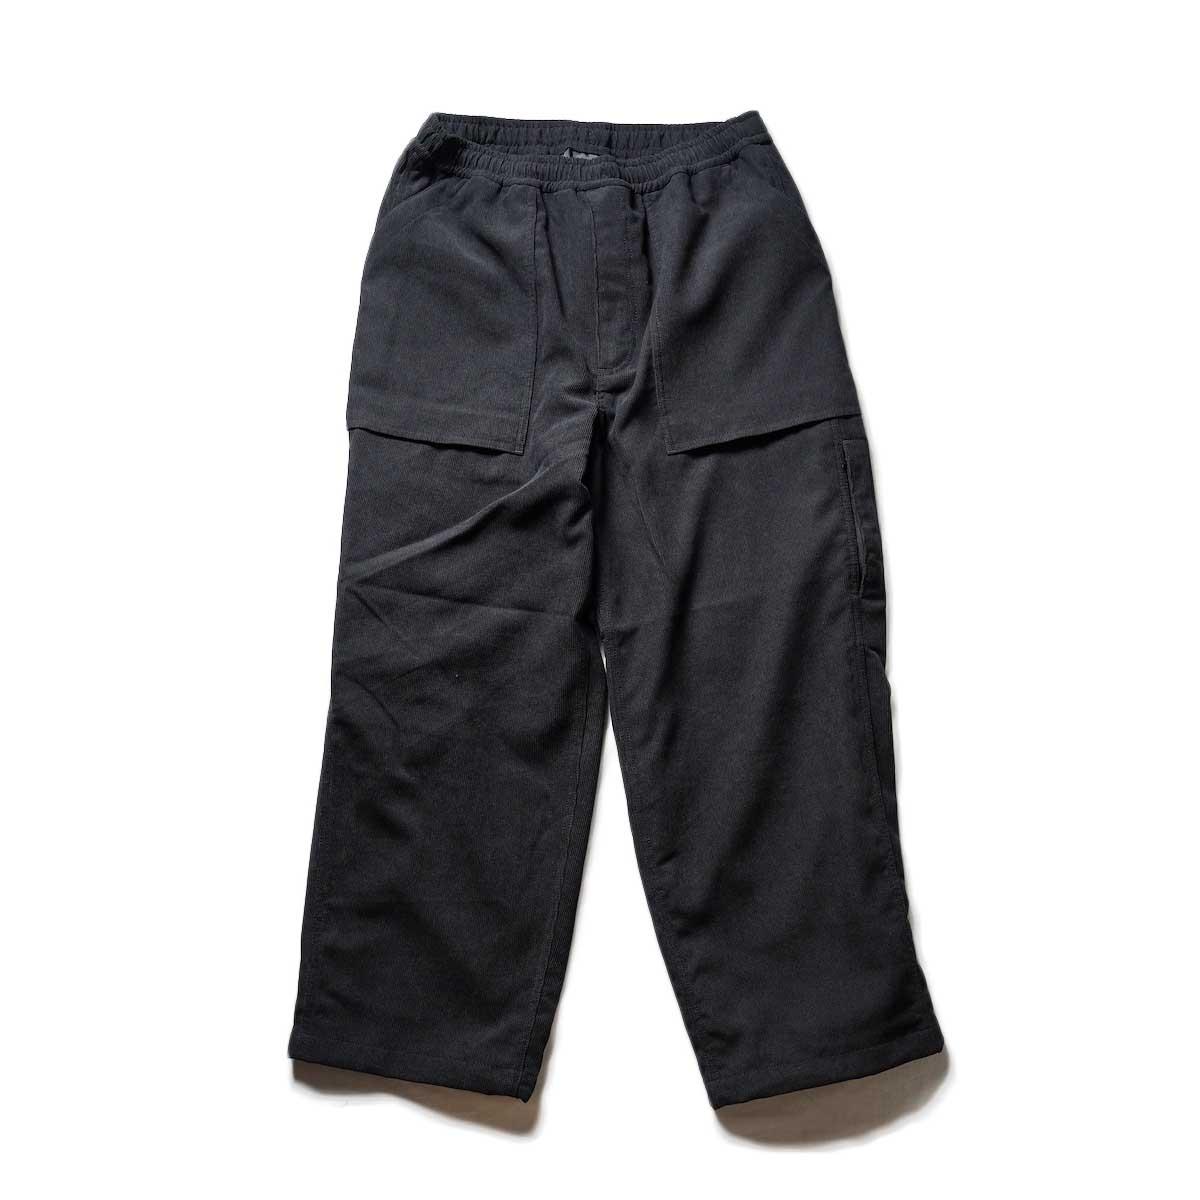 DAIWA PIER39 / TECH SPY FATIGUE PANTS (CORDUROY) (Black)